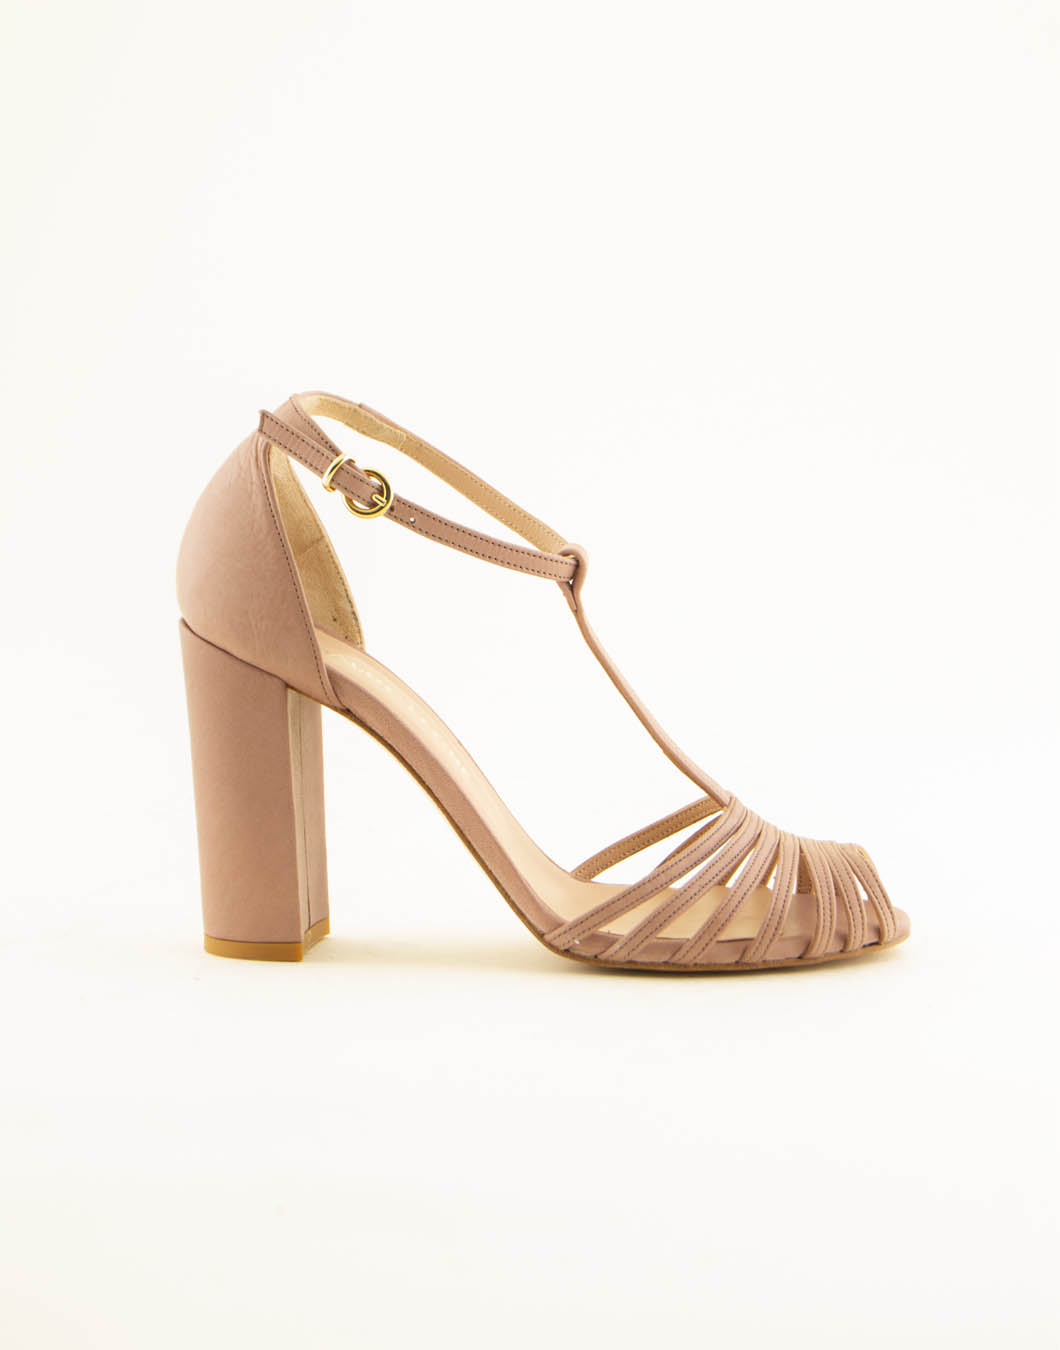 Sandali con tacco in pelle - MAURO LEONE